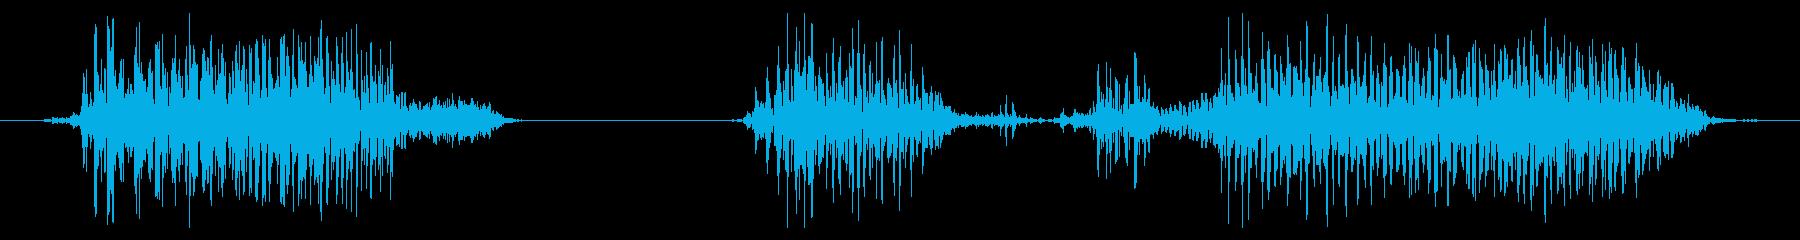 ゴリラ モンスター ゲーム コンテニューの再生済みの波形